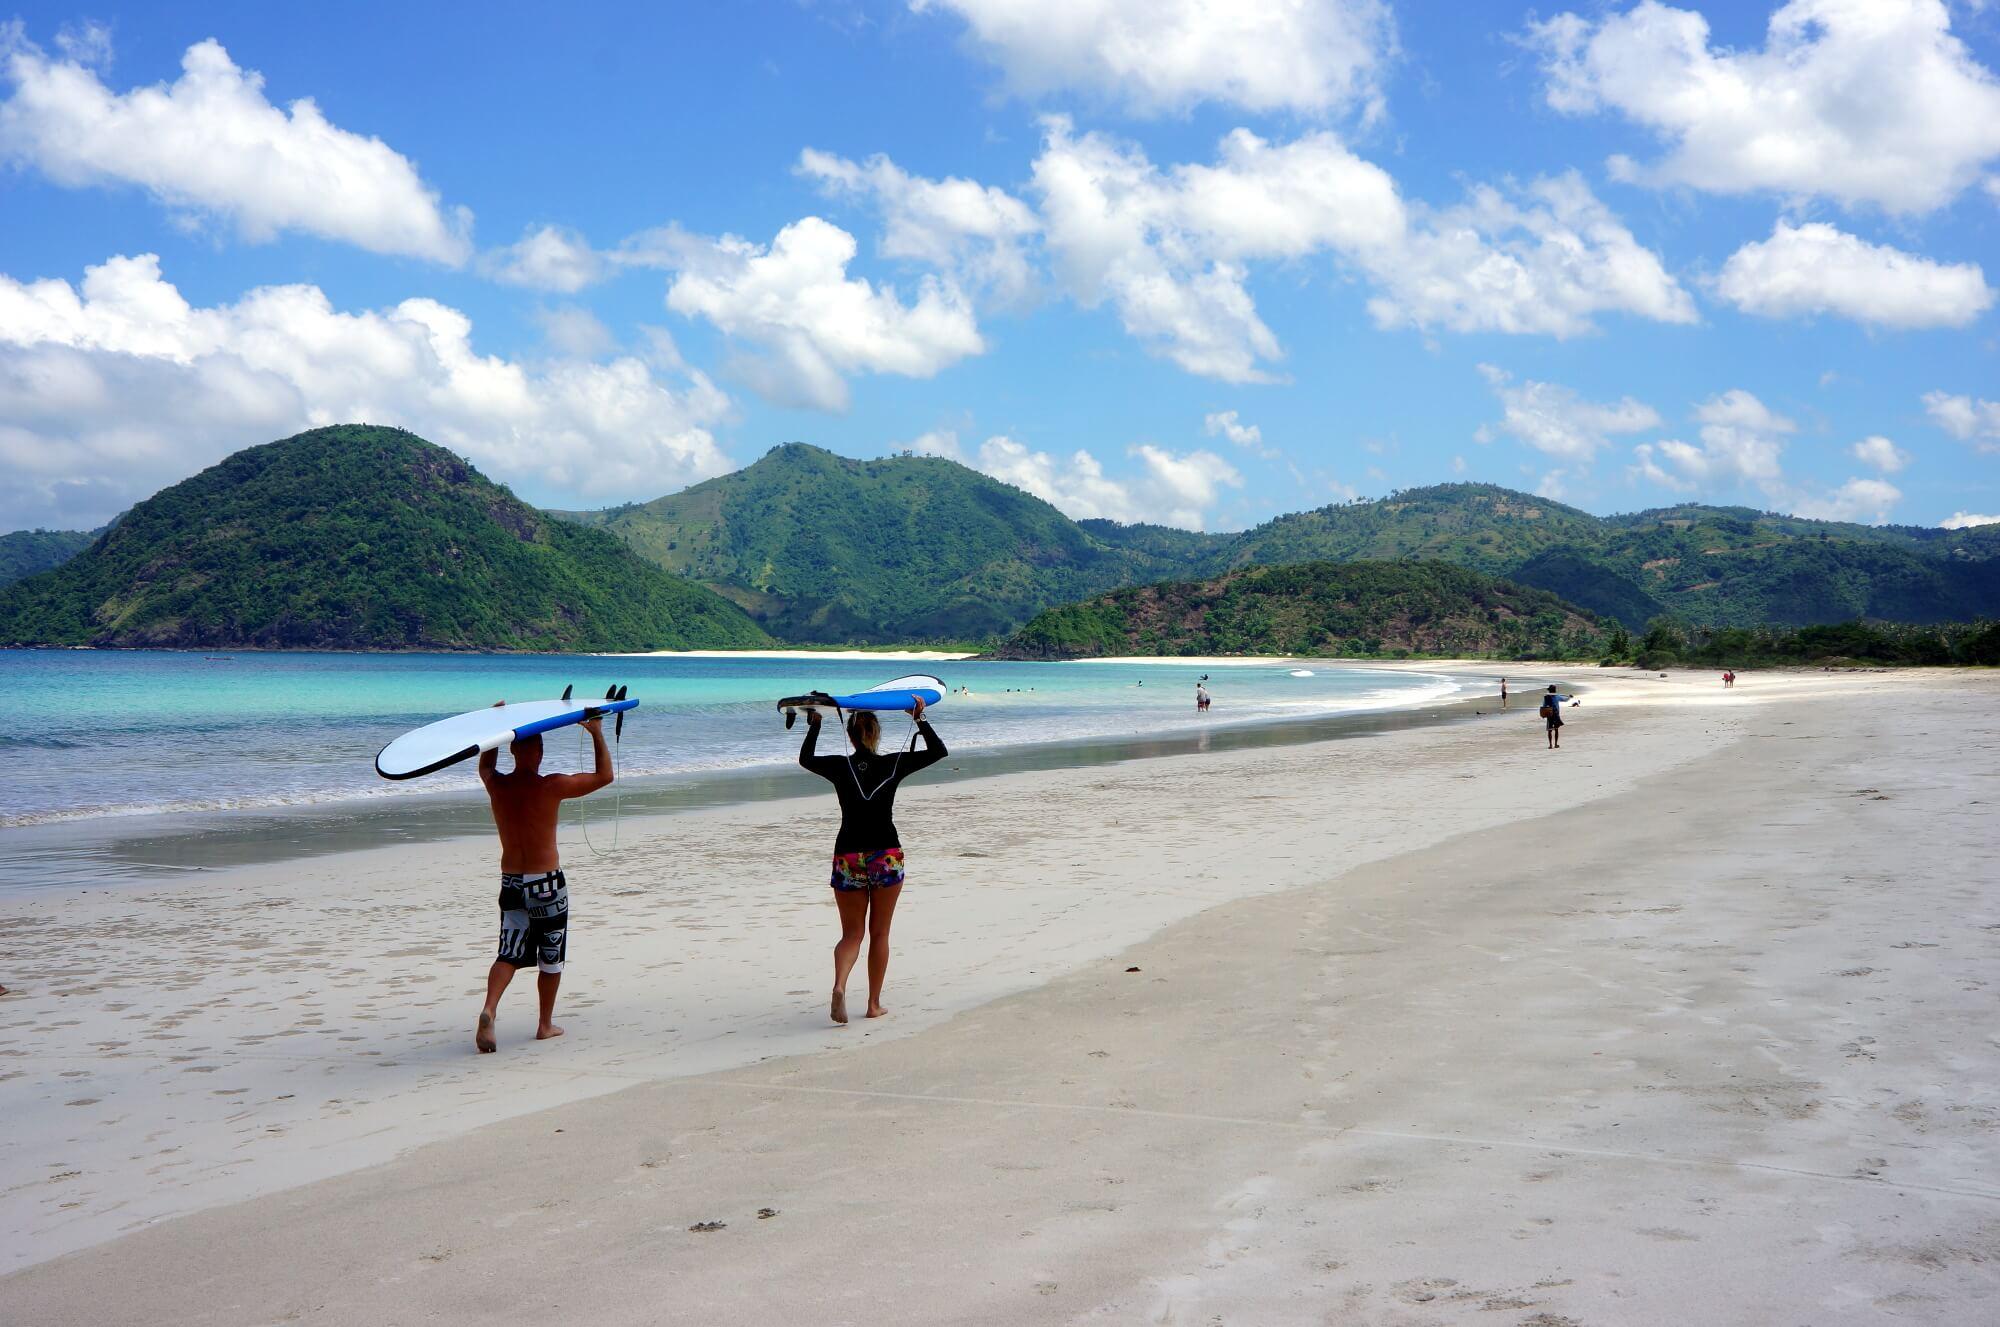 plage de rêve indonésie